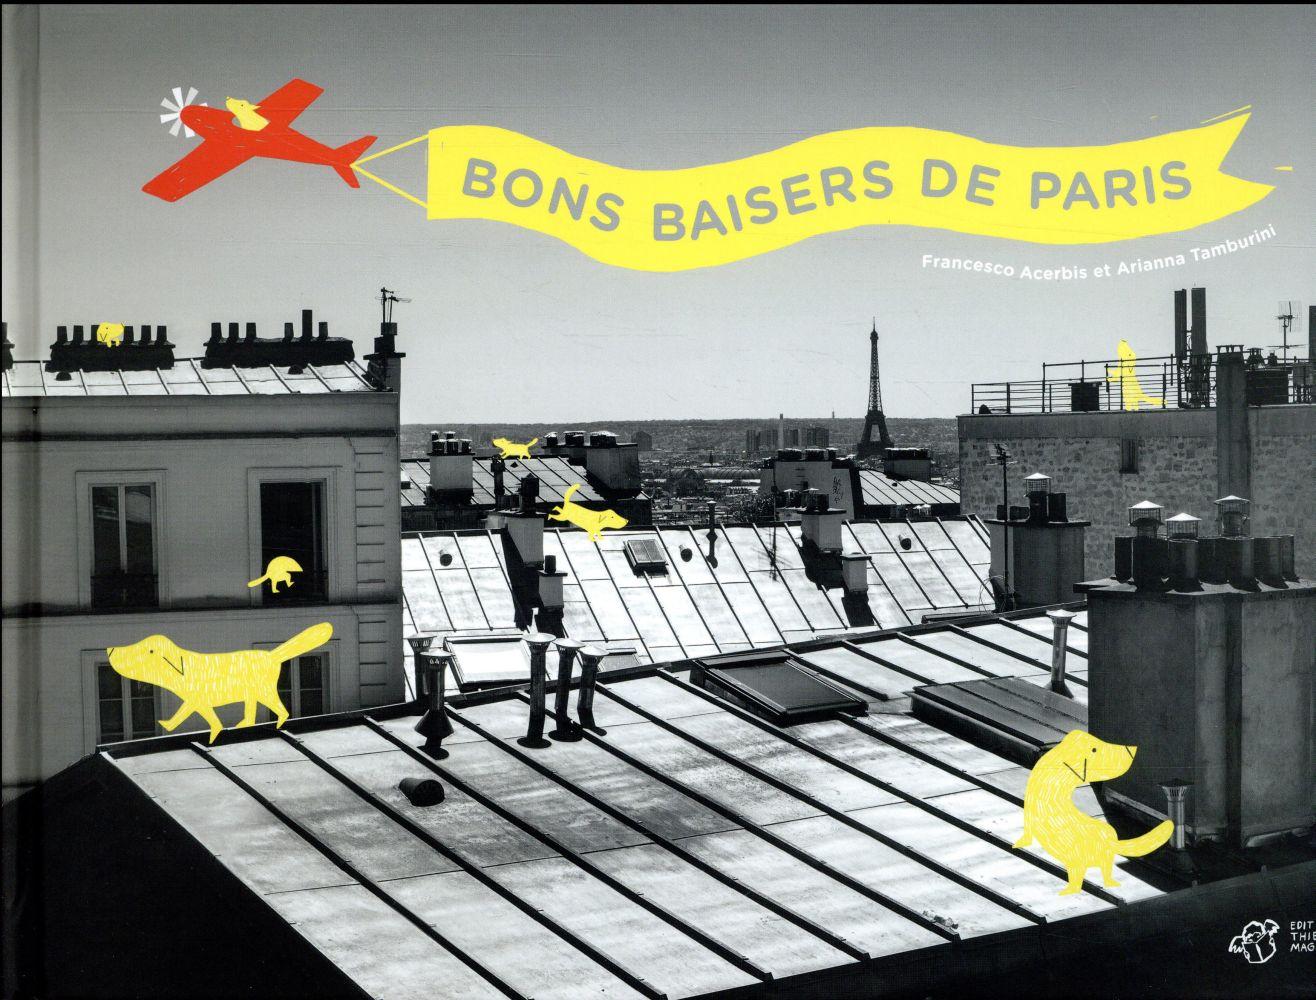 BONS BAISERS DE PARIS ACERBIS FRANCESCO THIERRY MAGNIER